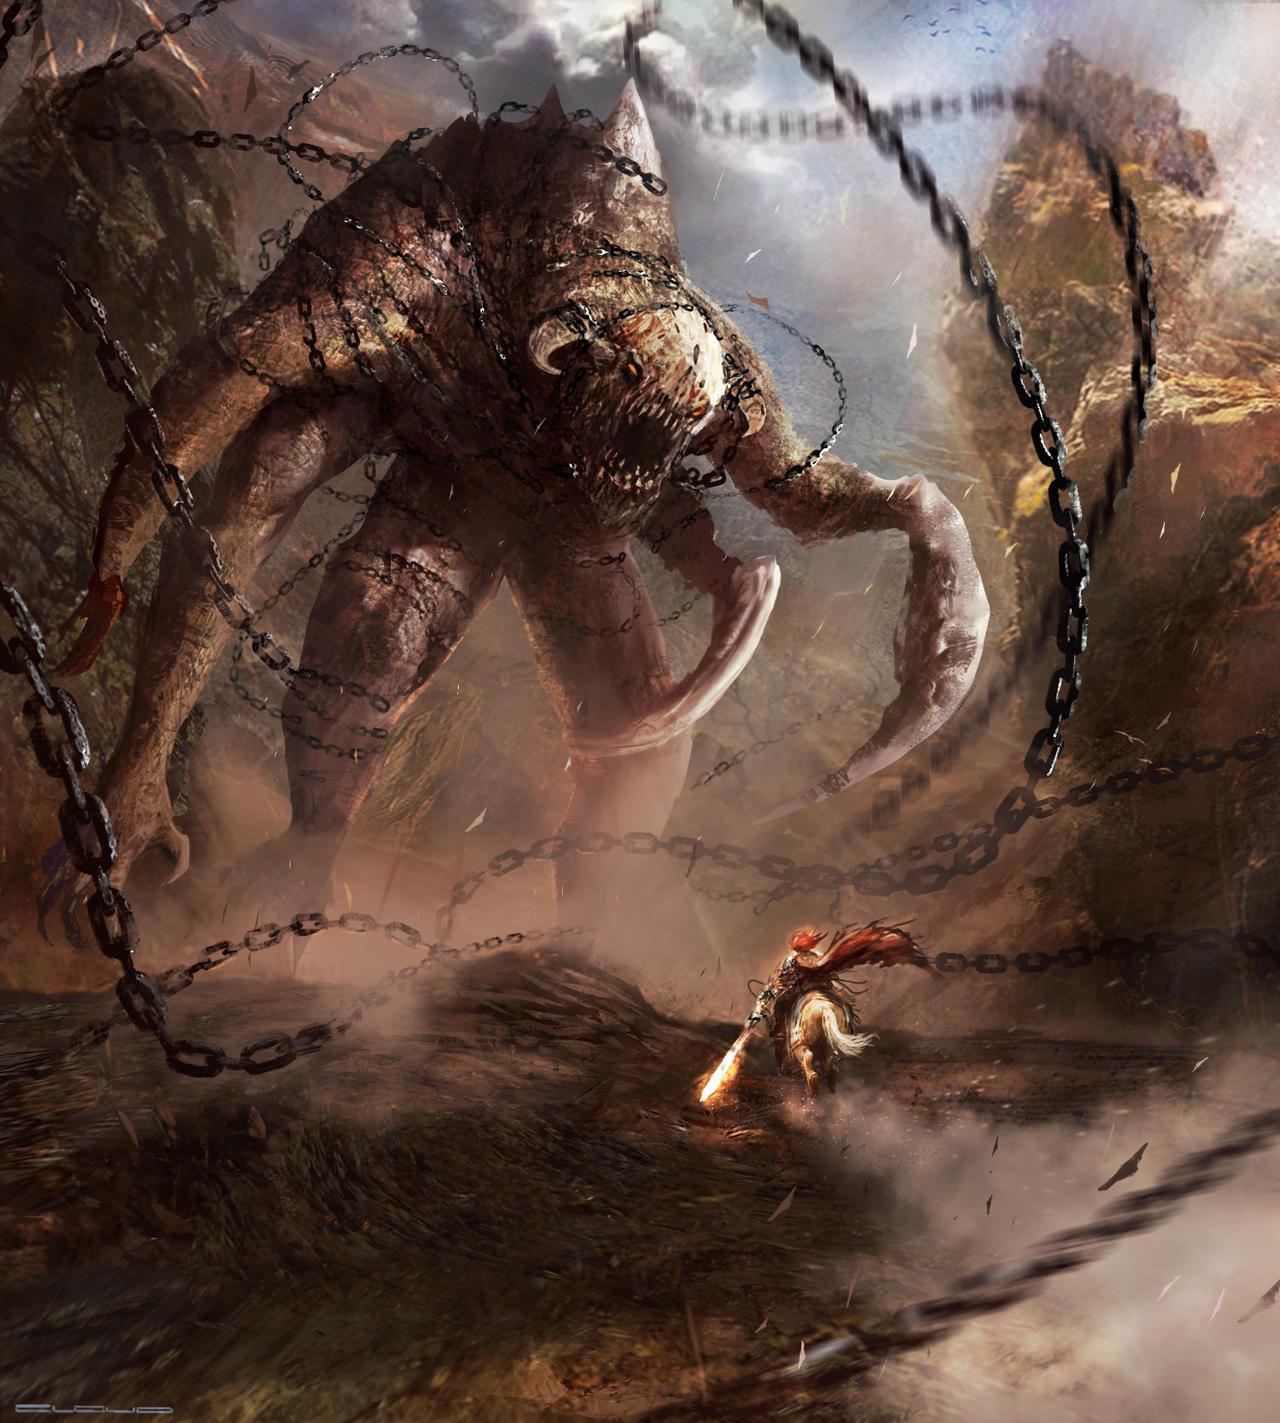 Jair's Encounter by Darkcloud013